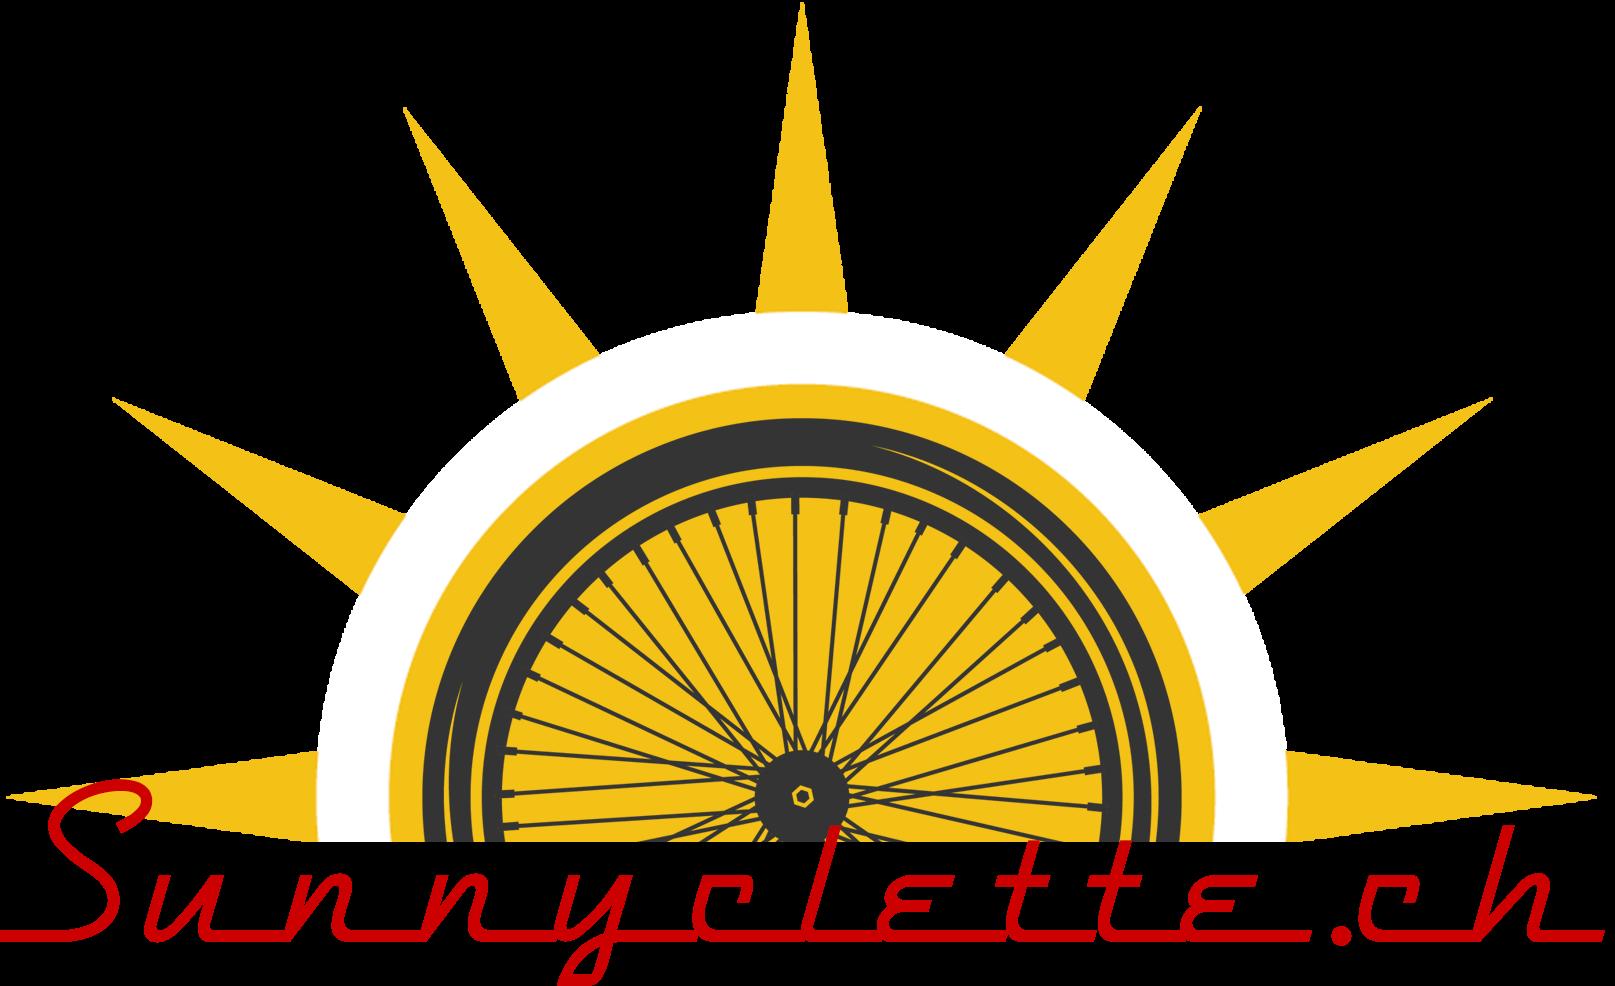 Sunnyclette